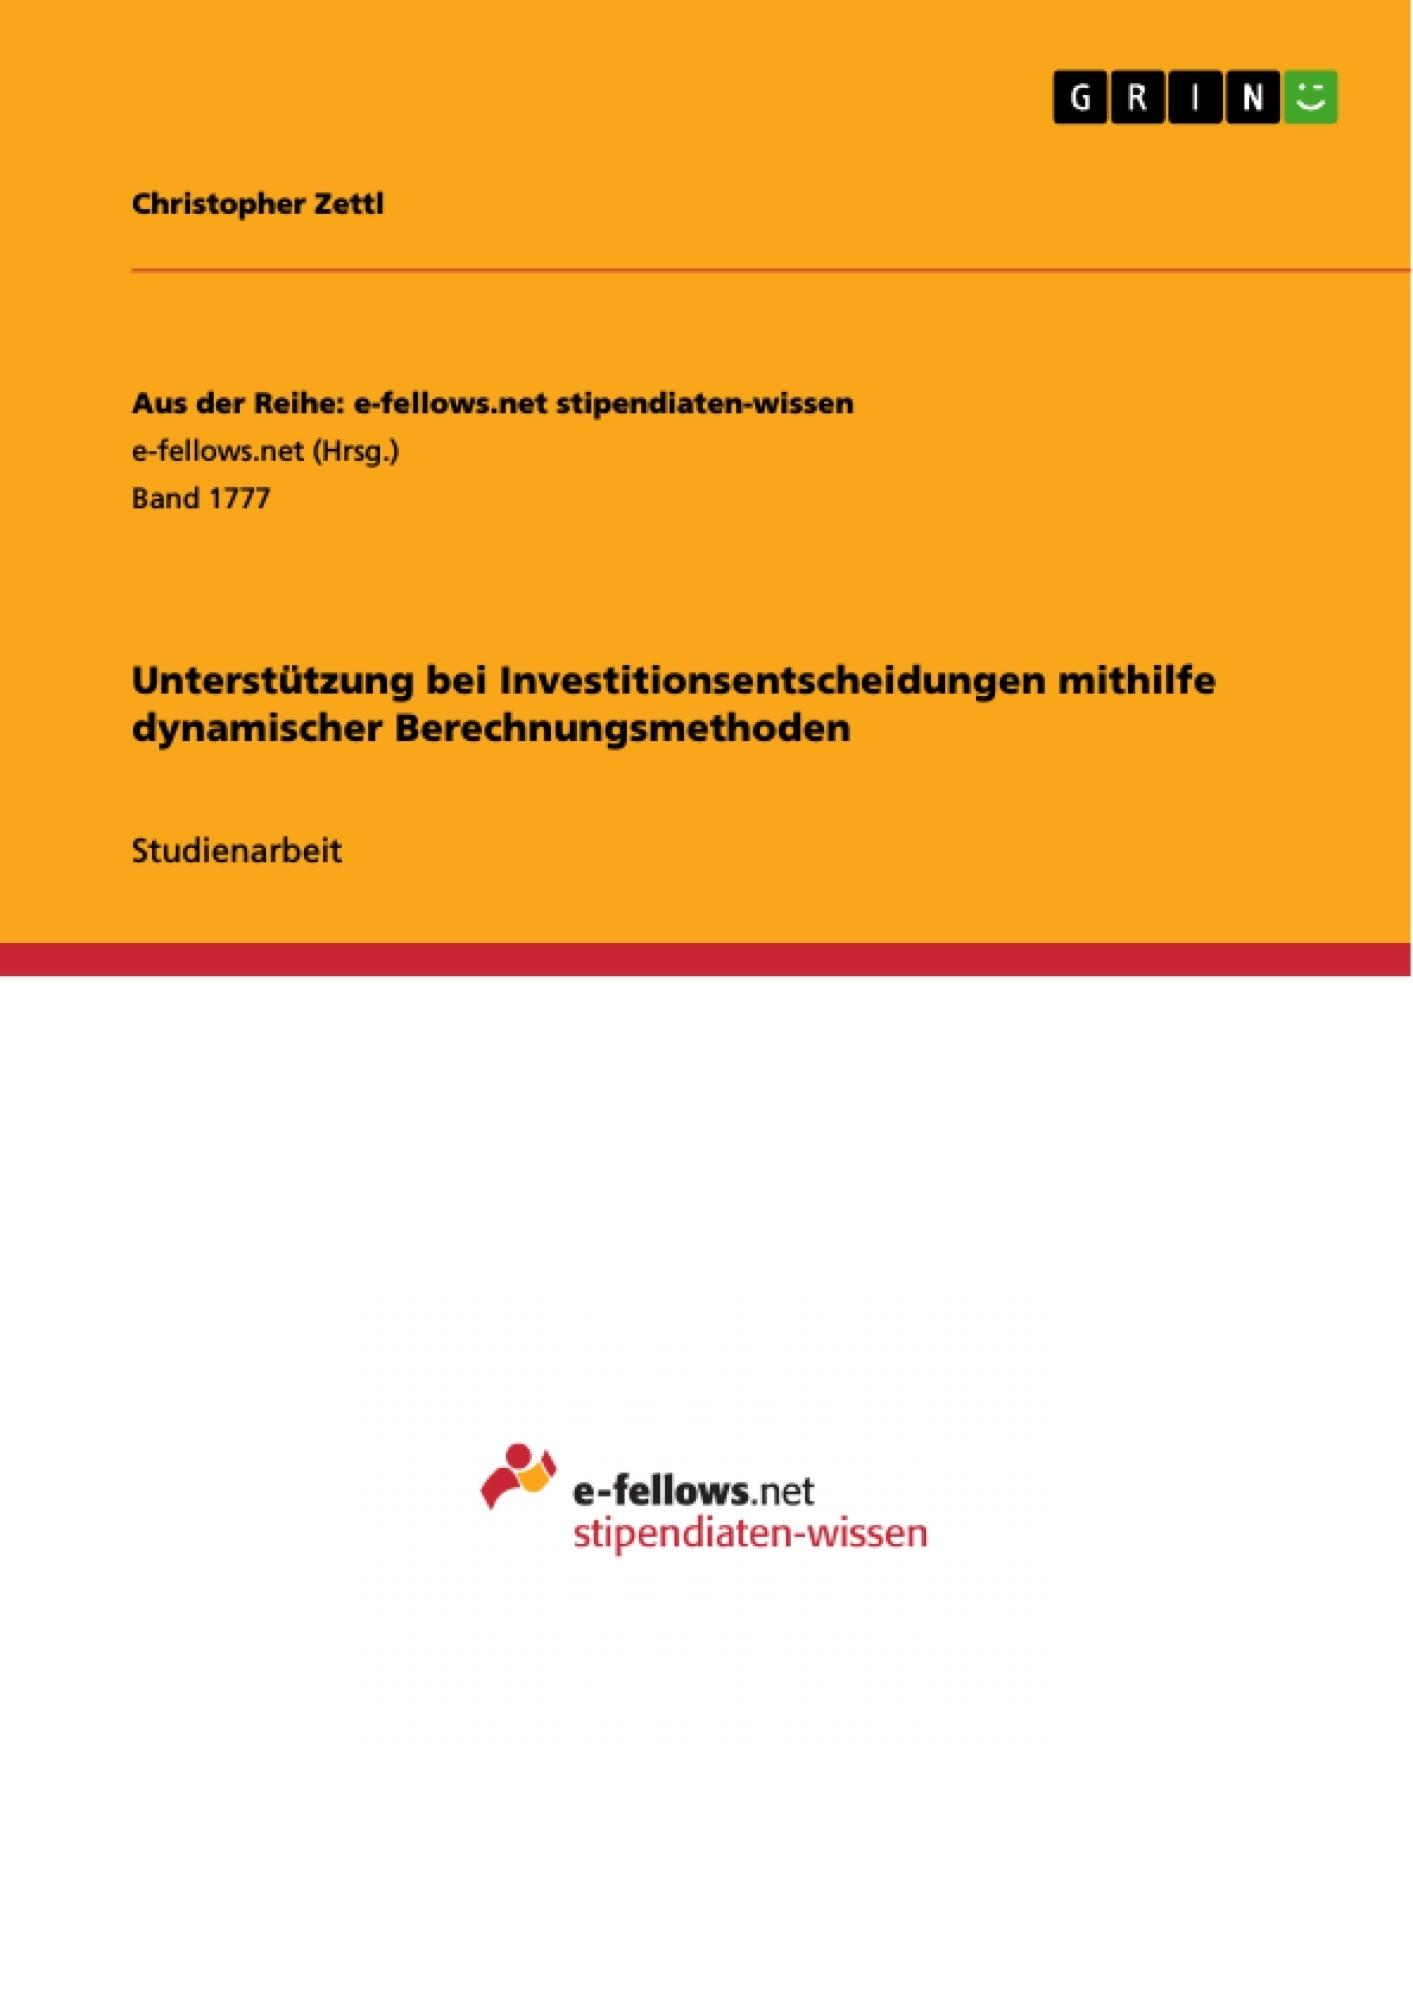 Titel: Unterstützung bei Investitionsentscheidungen mithilfe dynamischer Berechnungsmethoden